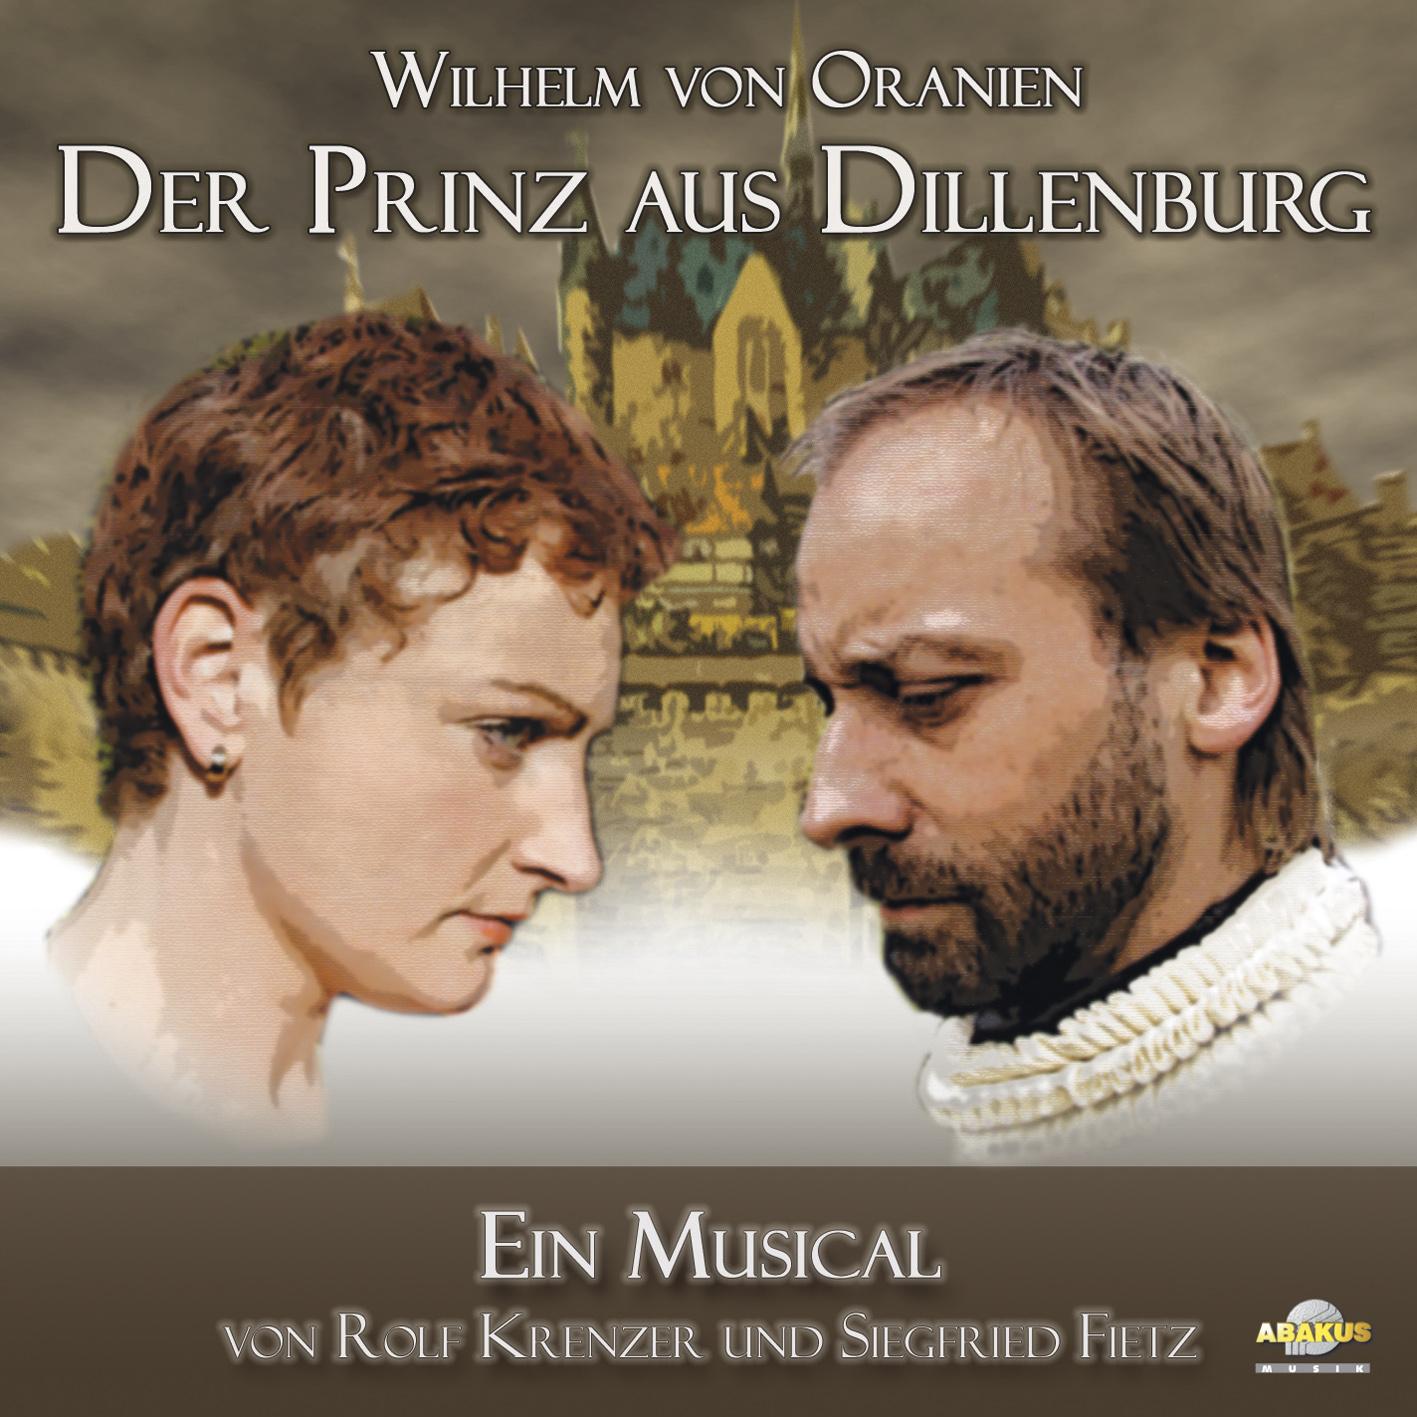 Wilhelm von Oranien - Der Prinz aus Dillenburg ...